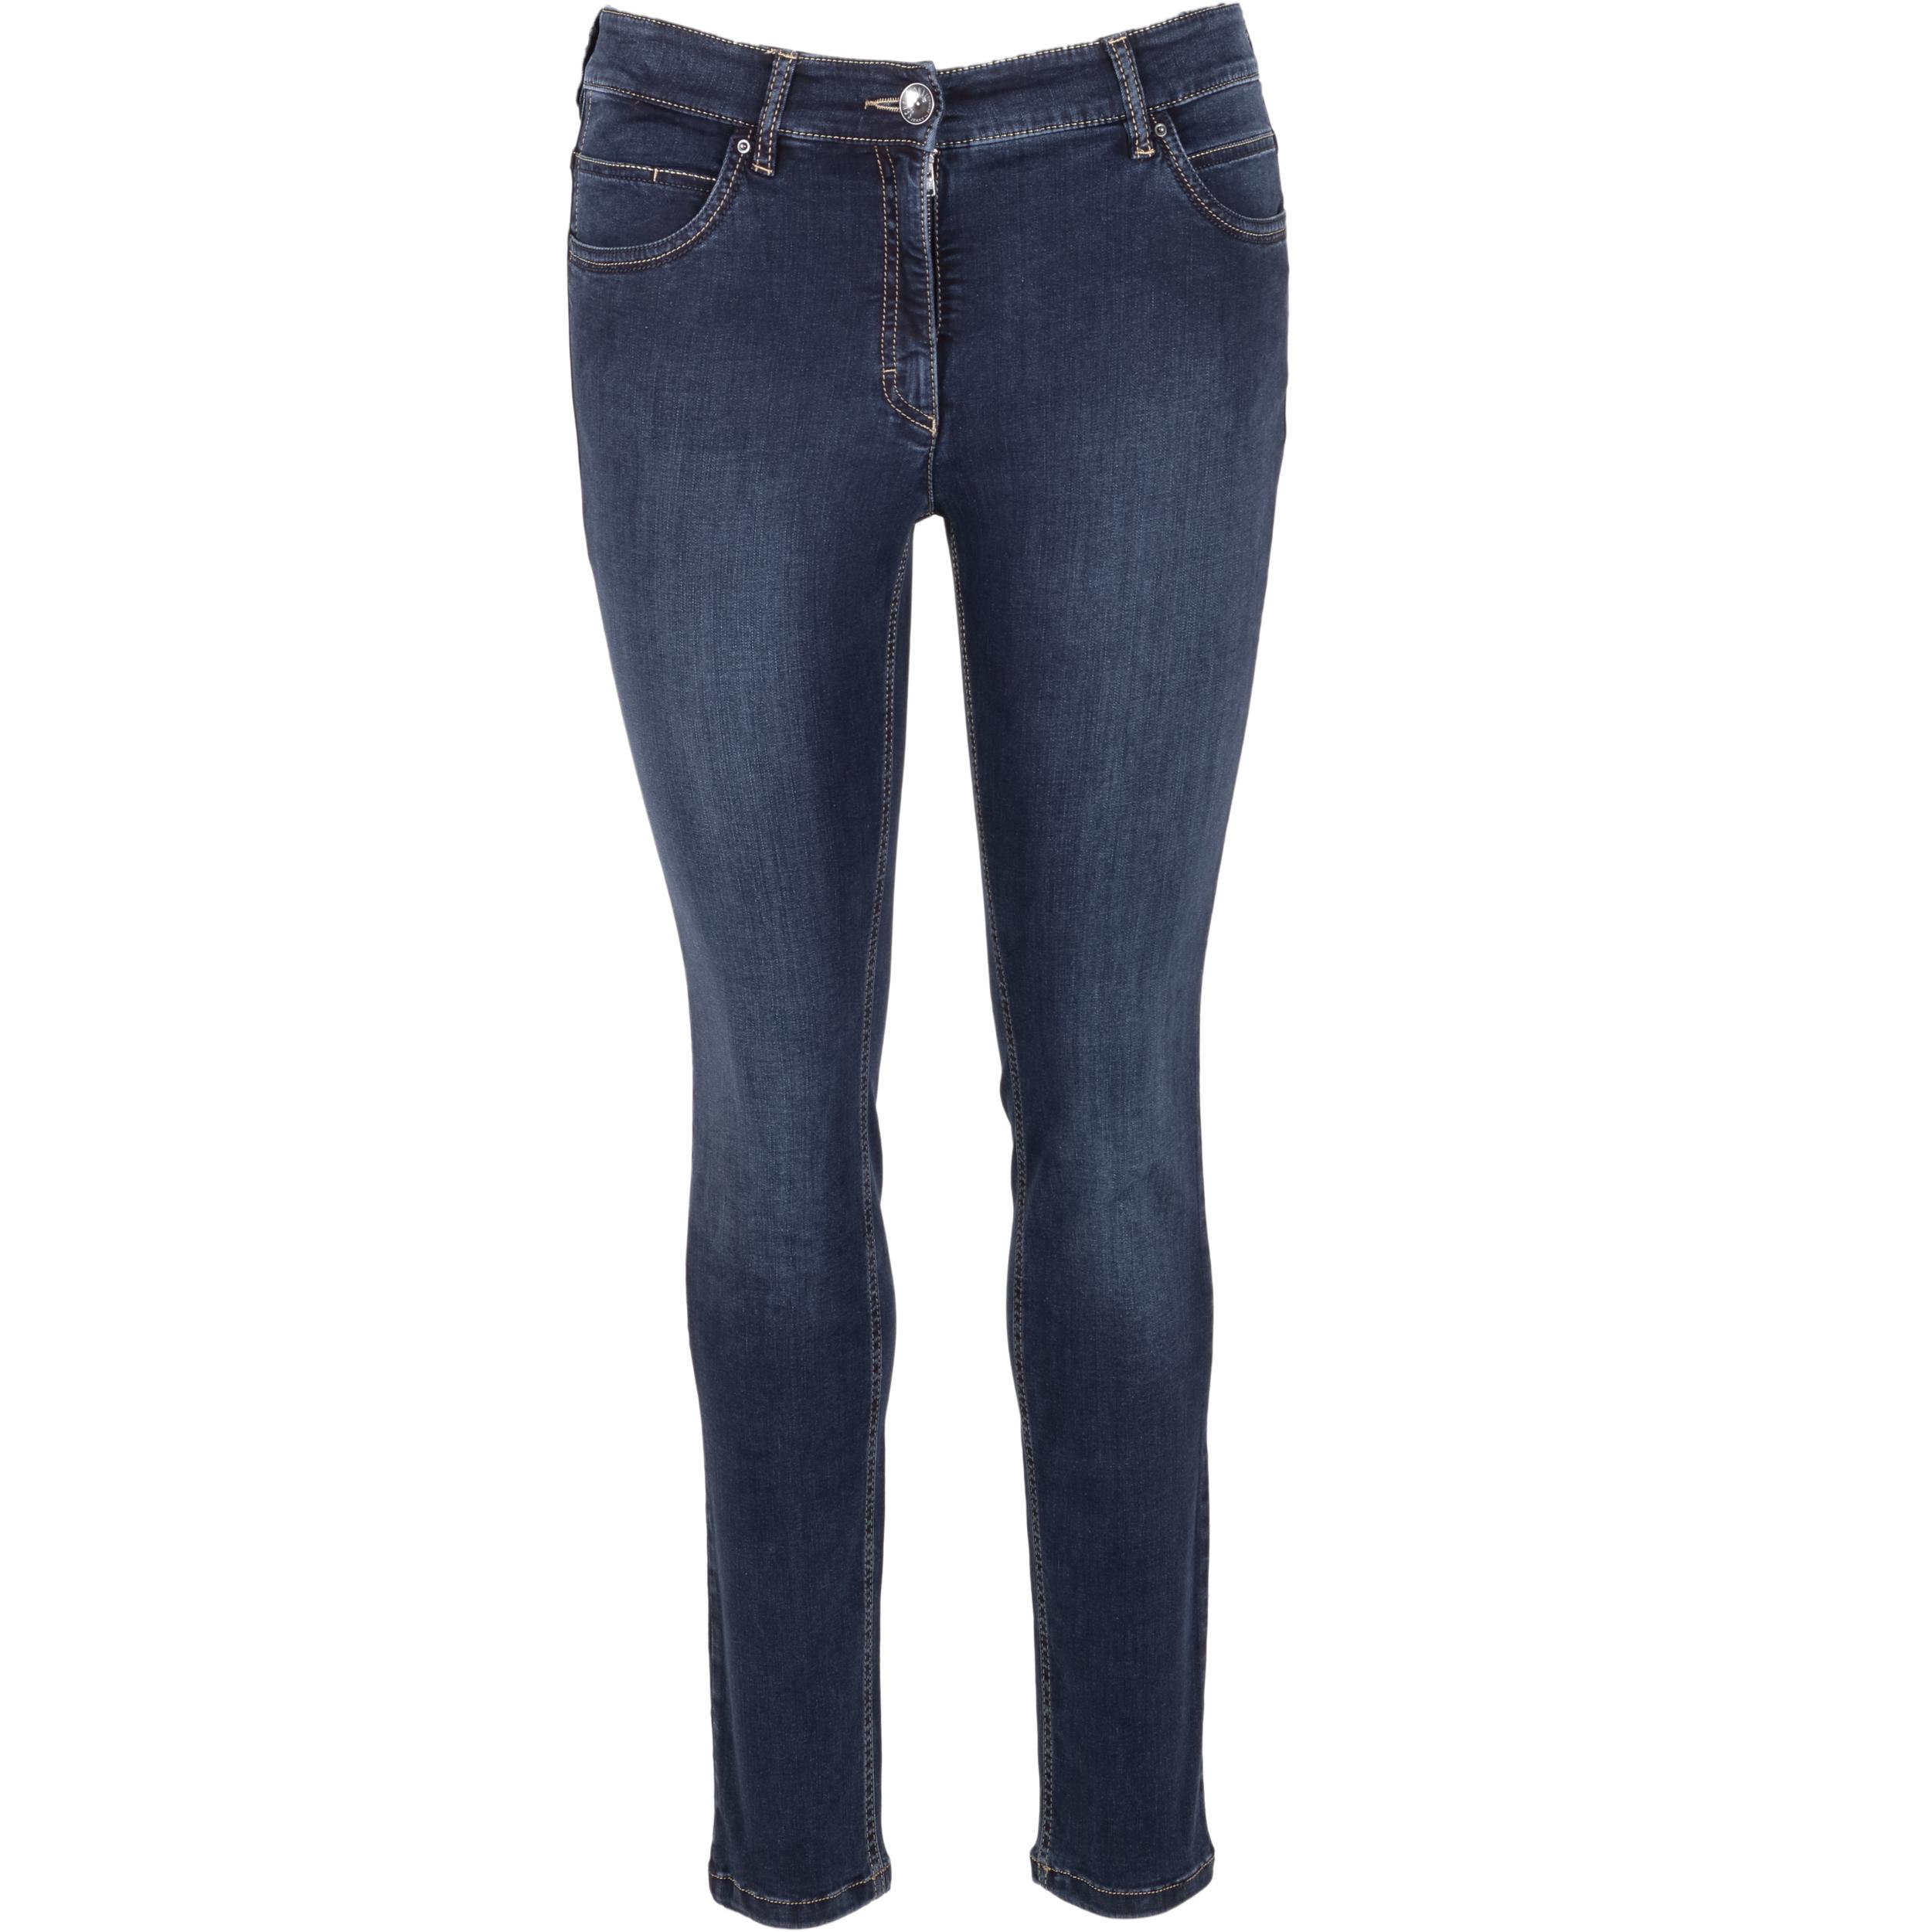 Zerres Damen Jeans Twigy - dunkelblau 40/30